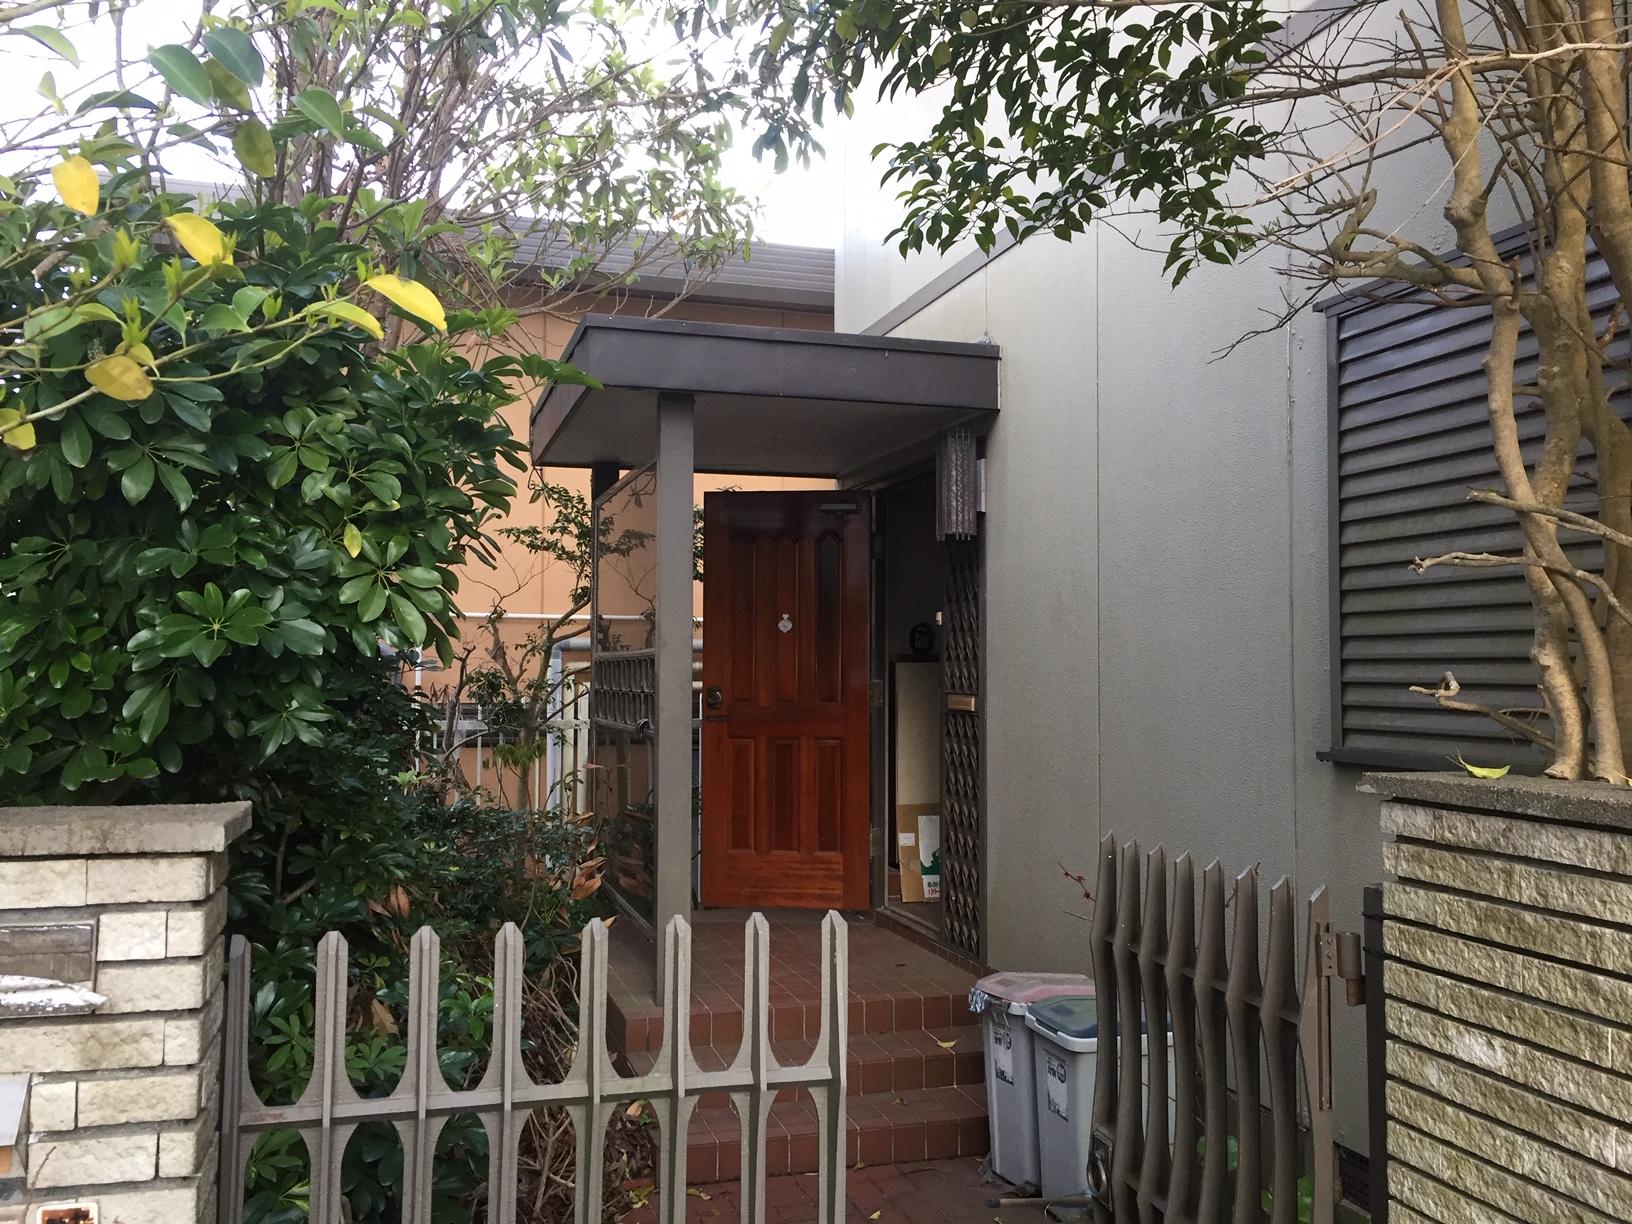 スチール枠に木製ドアの玄関は調整機能が無く閉まらない状態でした